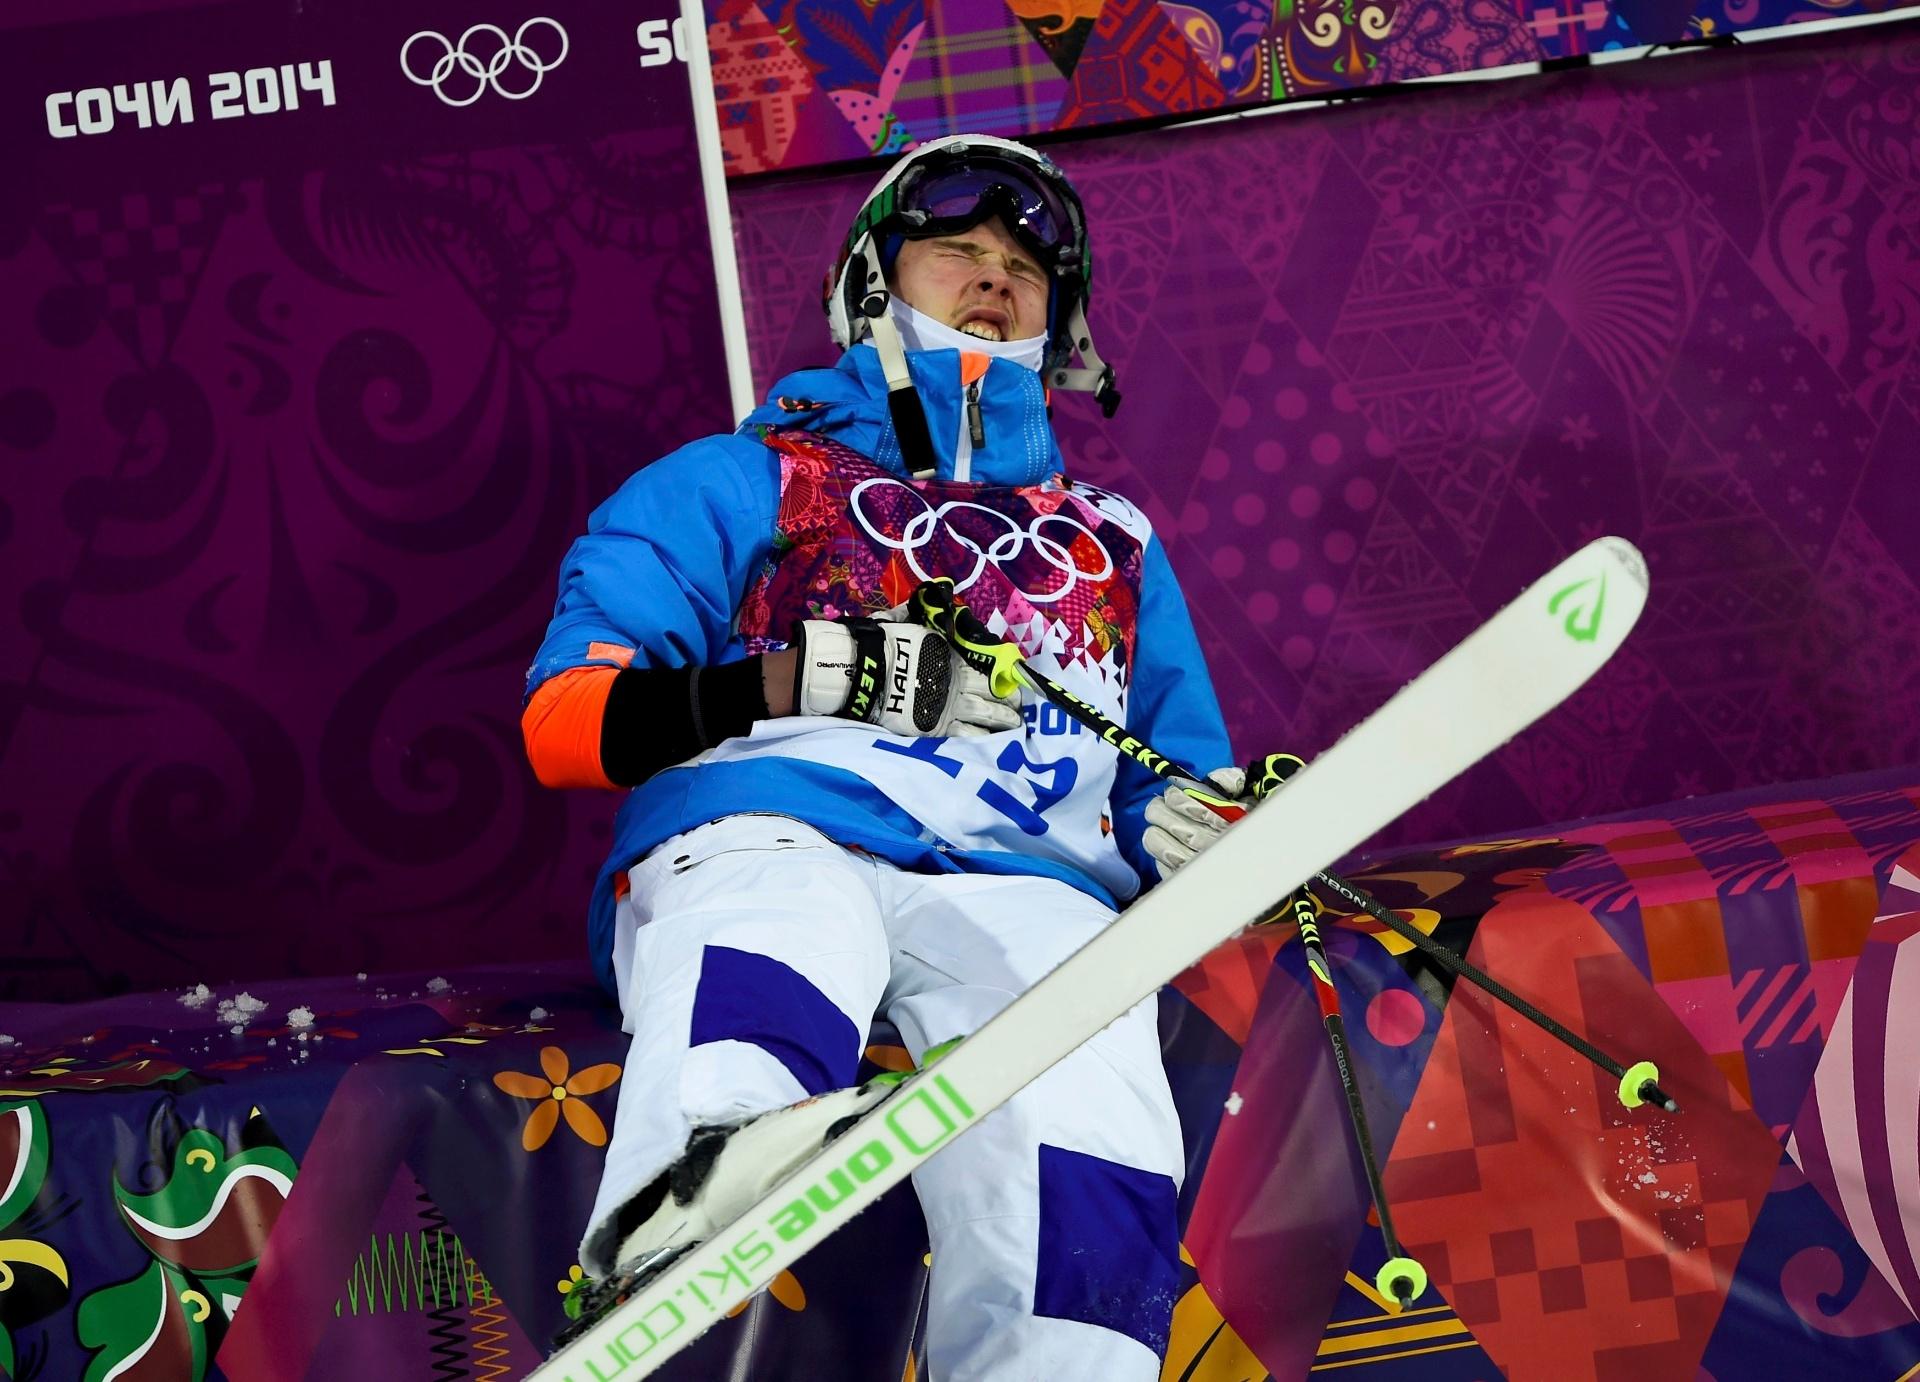 10.02.14 - Ville Miettune sentiu bastante dor após a queda na classificação do esqui moguls